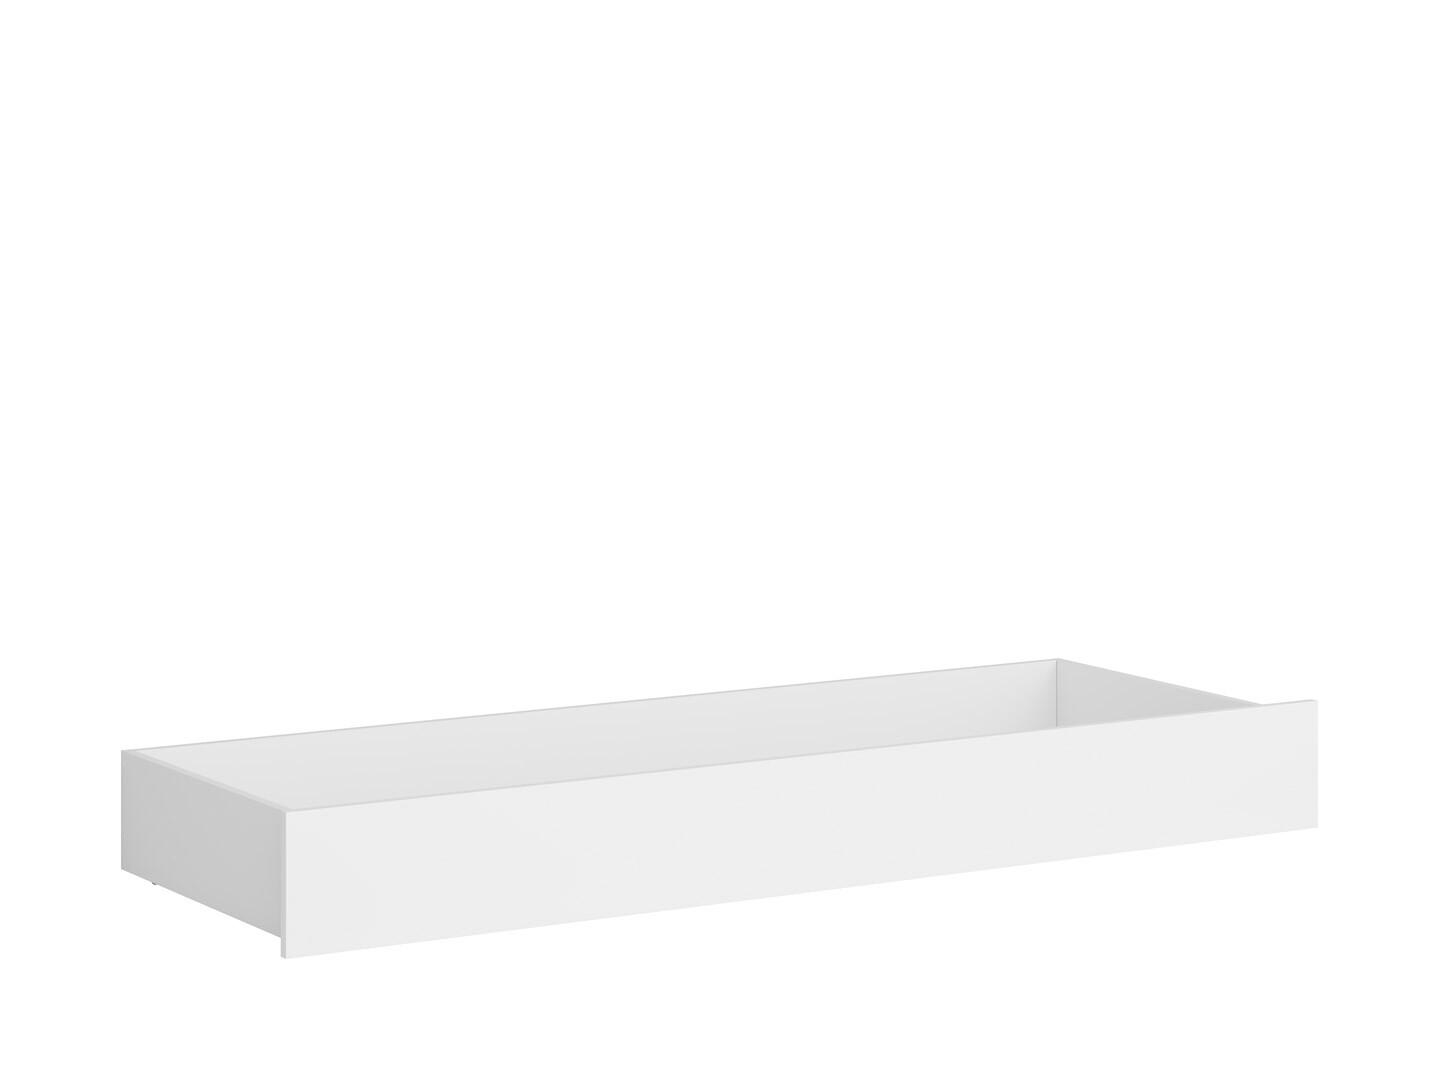 Úložný priestor pod posteľ NEPO PLUS SZU/162 biely